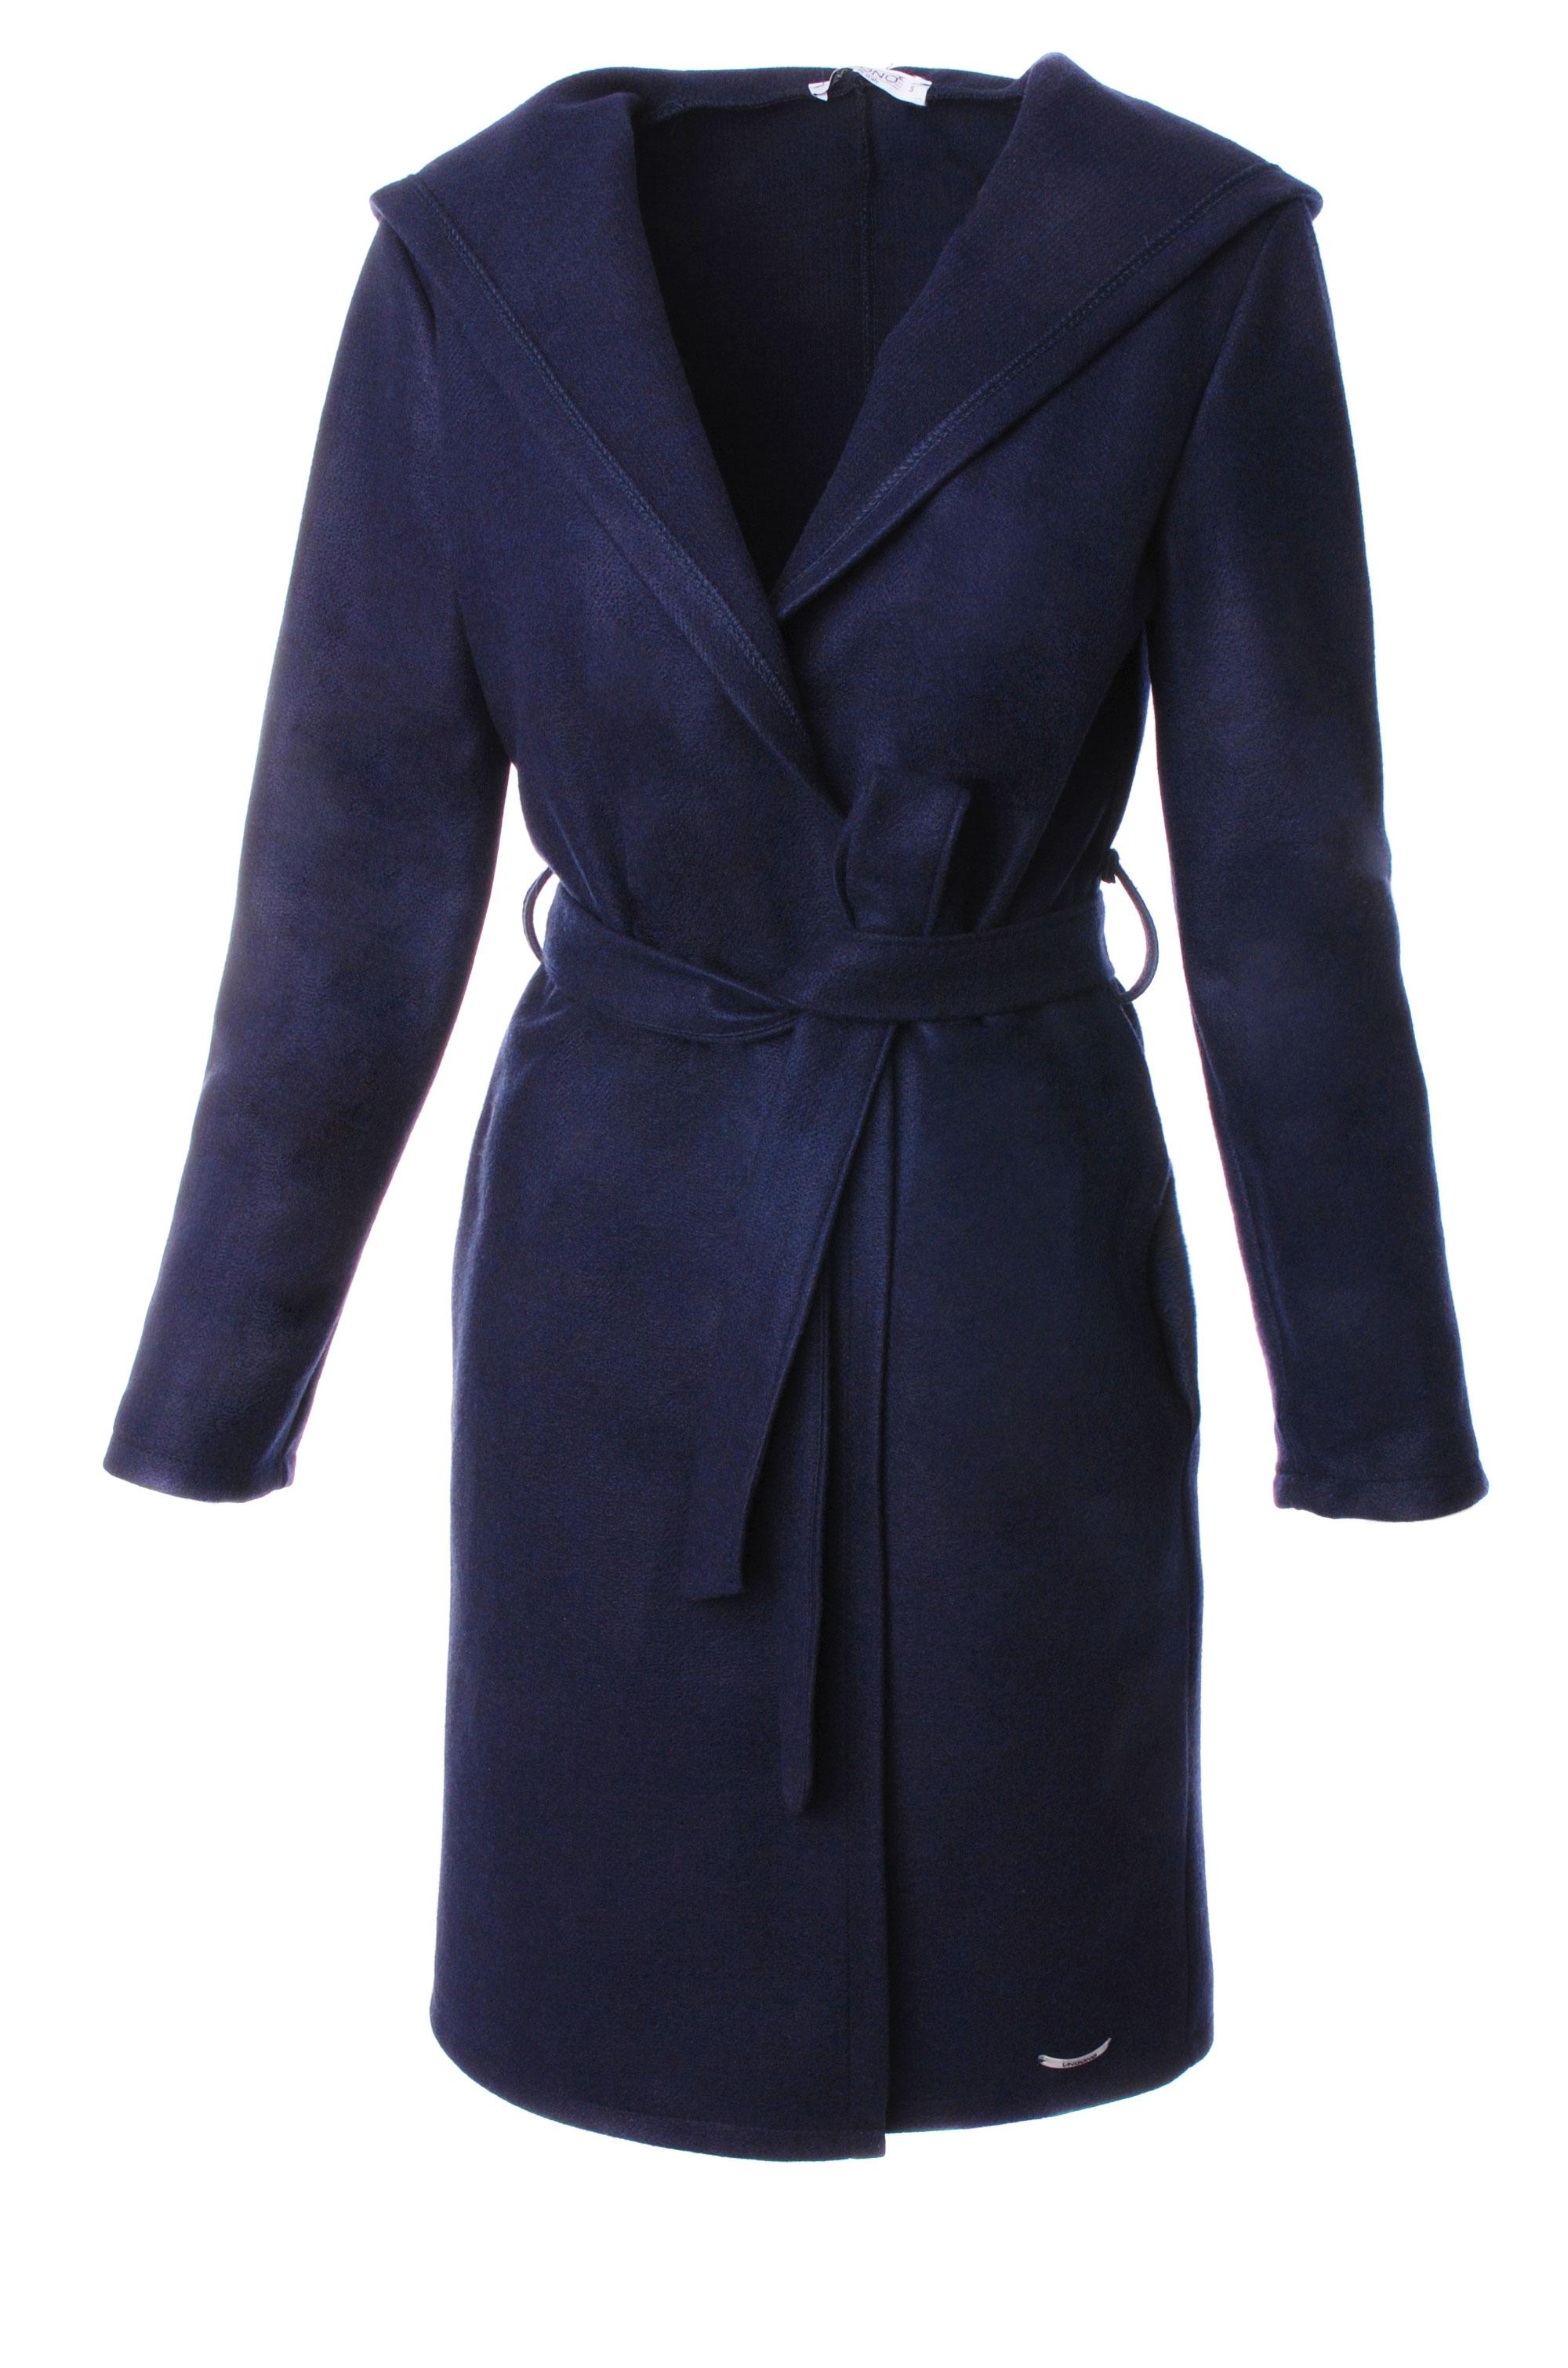 Płaszcz materiałowy - 34-3728 BL SC - Unisono